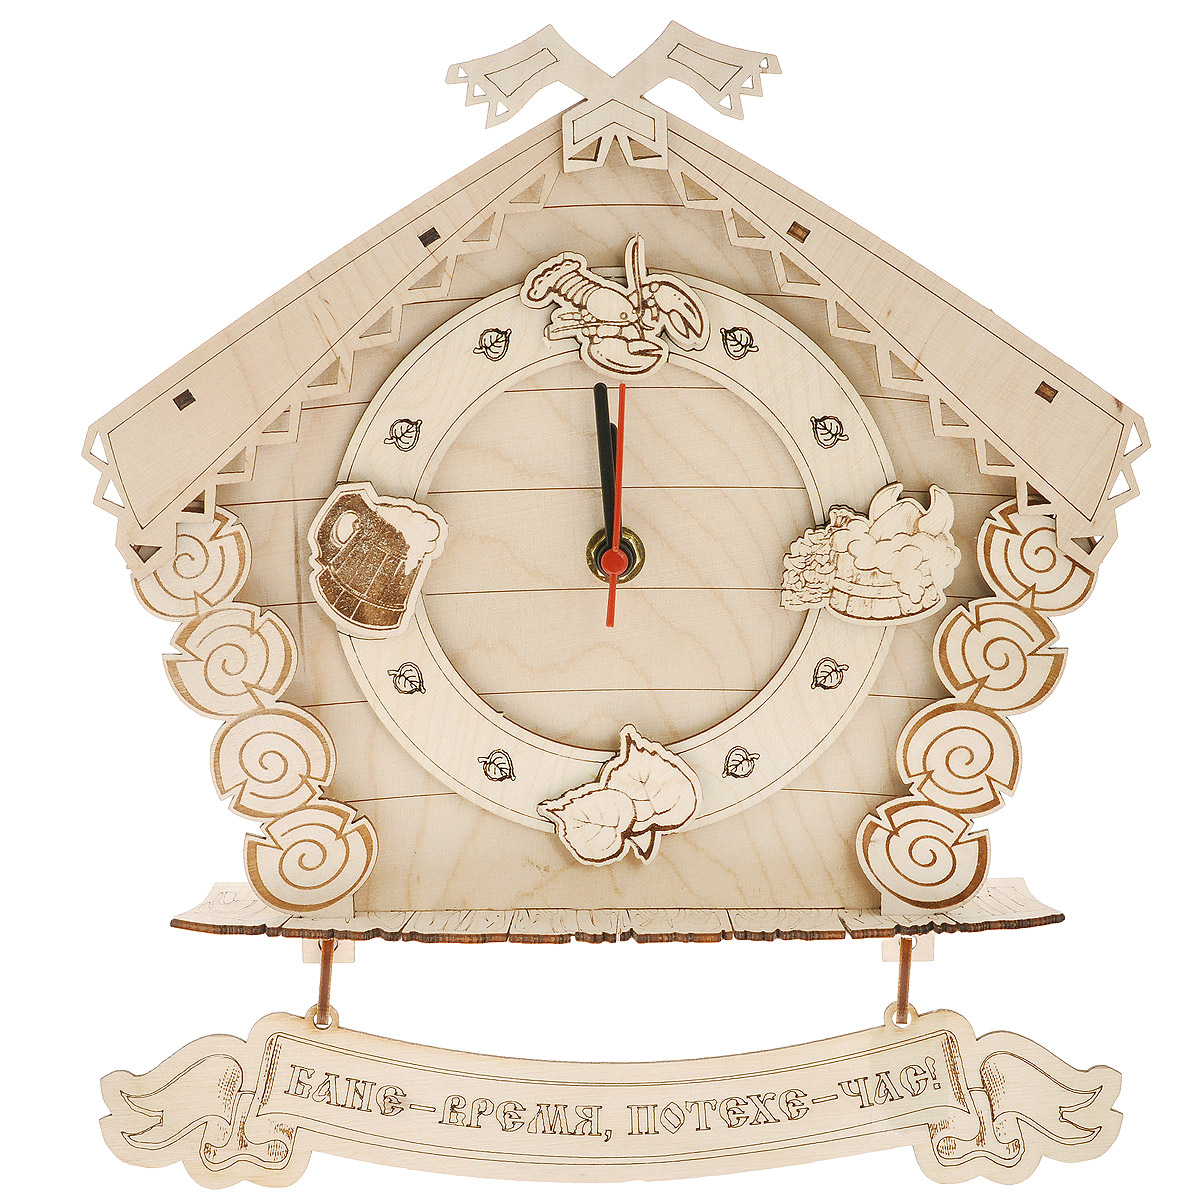 Часы настенные Доктор баня Домик для бани и сауны904727Настенные часы Доктор баня, выполненные из дерева в виде домика, своим дизайном подчеркнут оригинальность интерьера вашей бани или сауны. Циферблат оформлен деревянными фигурками рака, пивной кружки, листьев и ушата с веником. Часы имеют три стрелки - часовую, минутную и секундную. К основанию часов крепится табличка с надписью: Бане - время, потехе - час! Такие часы послужат отличным подарком для ценителя стильных и оригинальных вещей. Характеристики:Материал: дерево (береза), пластик. Размер корпуса часов (Ш х Д х В): 25 см х 6 см х 22 см. Диаметр циферблата: 13,5 см. Размер таблички: 24,5 см х 4,5 см. Рекомендуется докупить батарейку типа АА мощностью 1,5V (в комплект не входит).